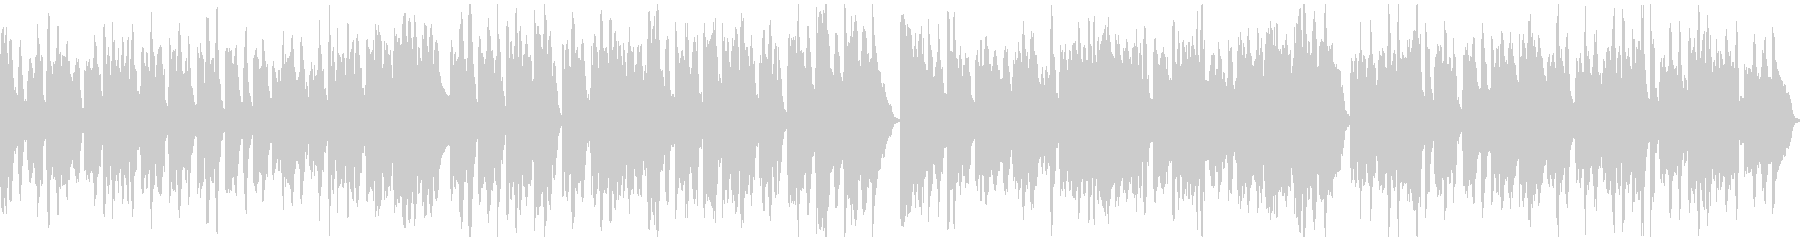 メルヘン風BGMの未再生の波形